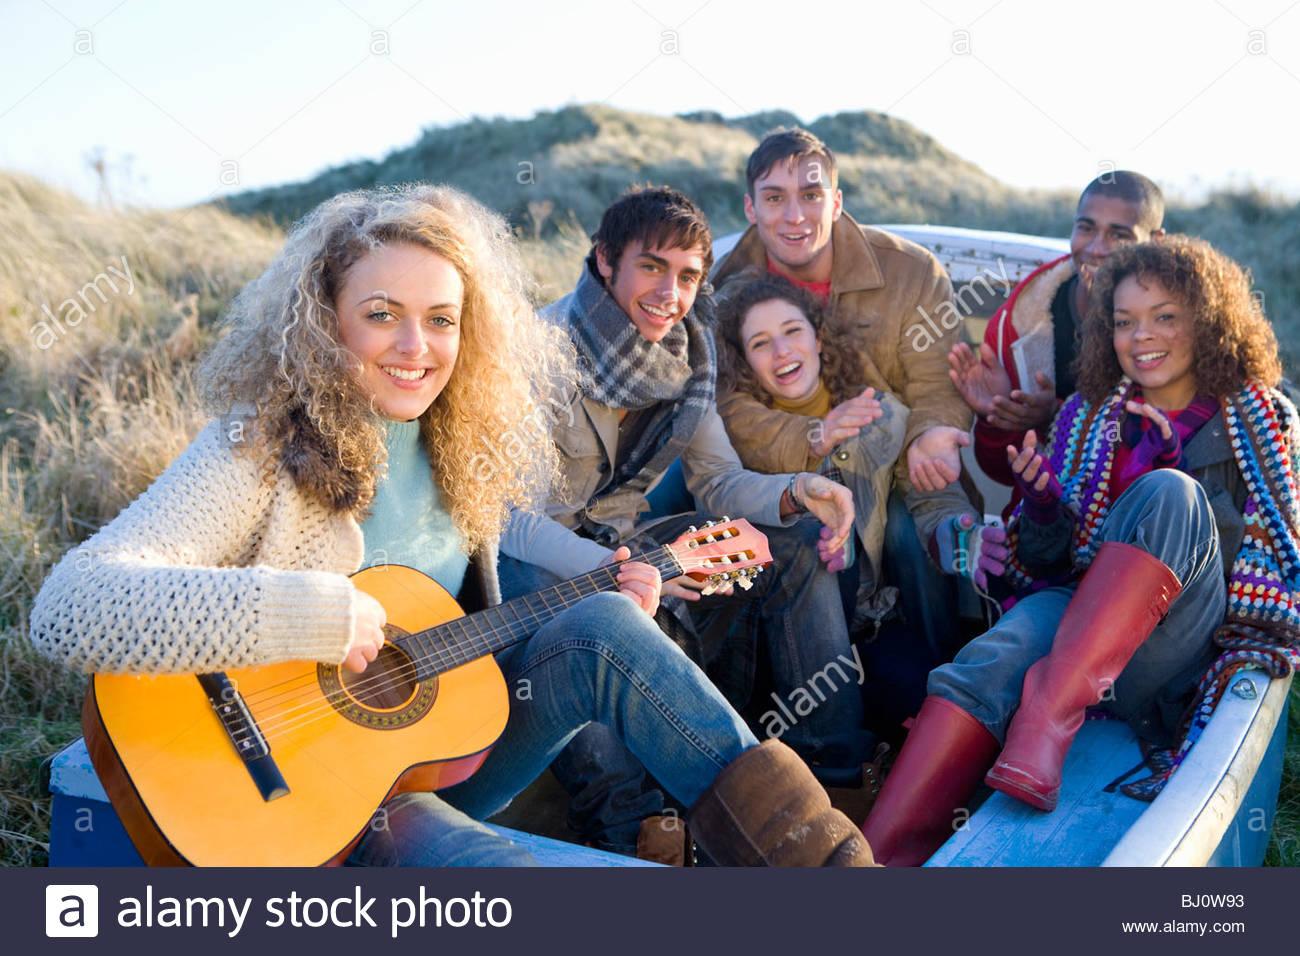 Amigos sentado en barco cantando y divirtiéndose Imagen De Stock